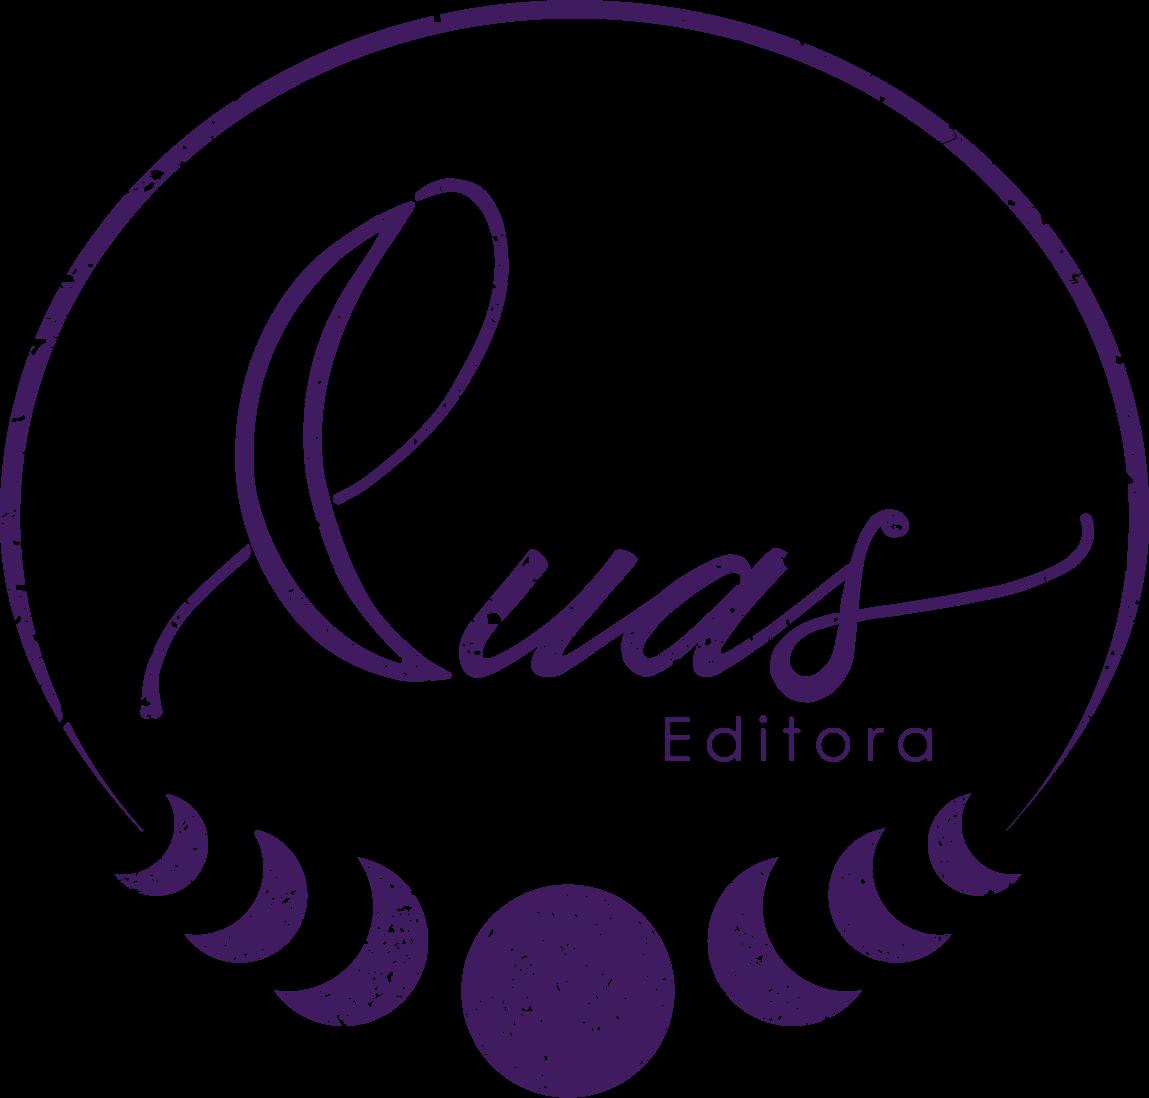 Luas Editora